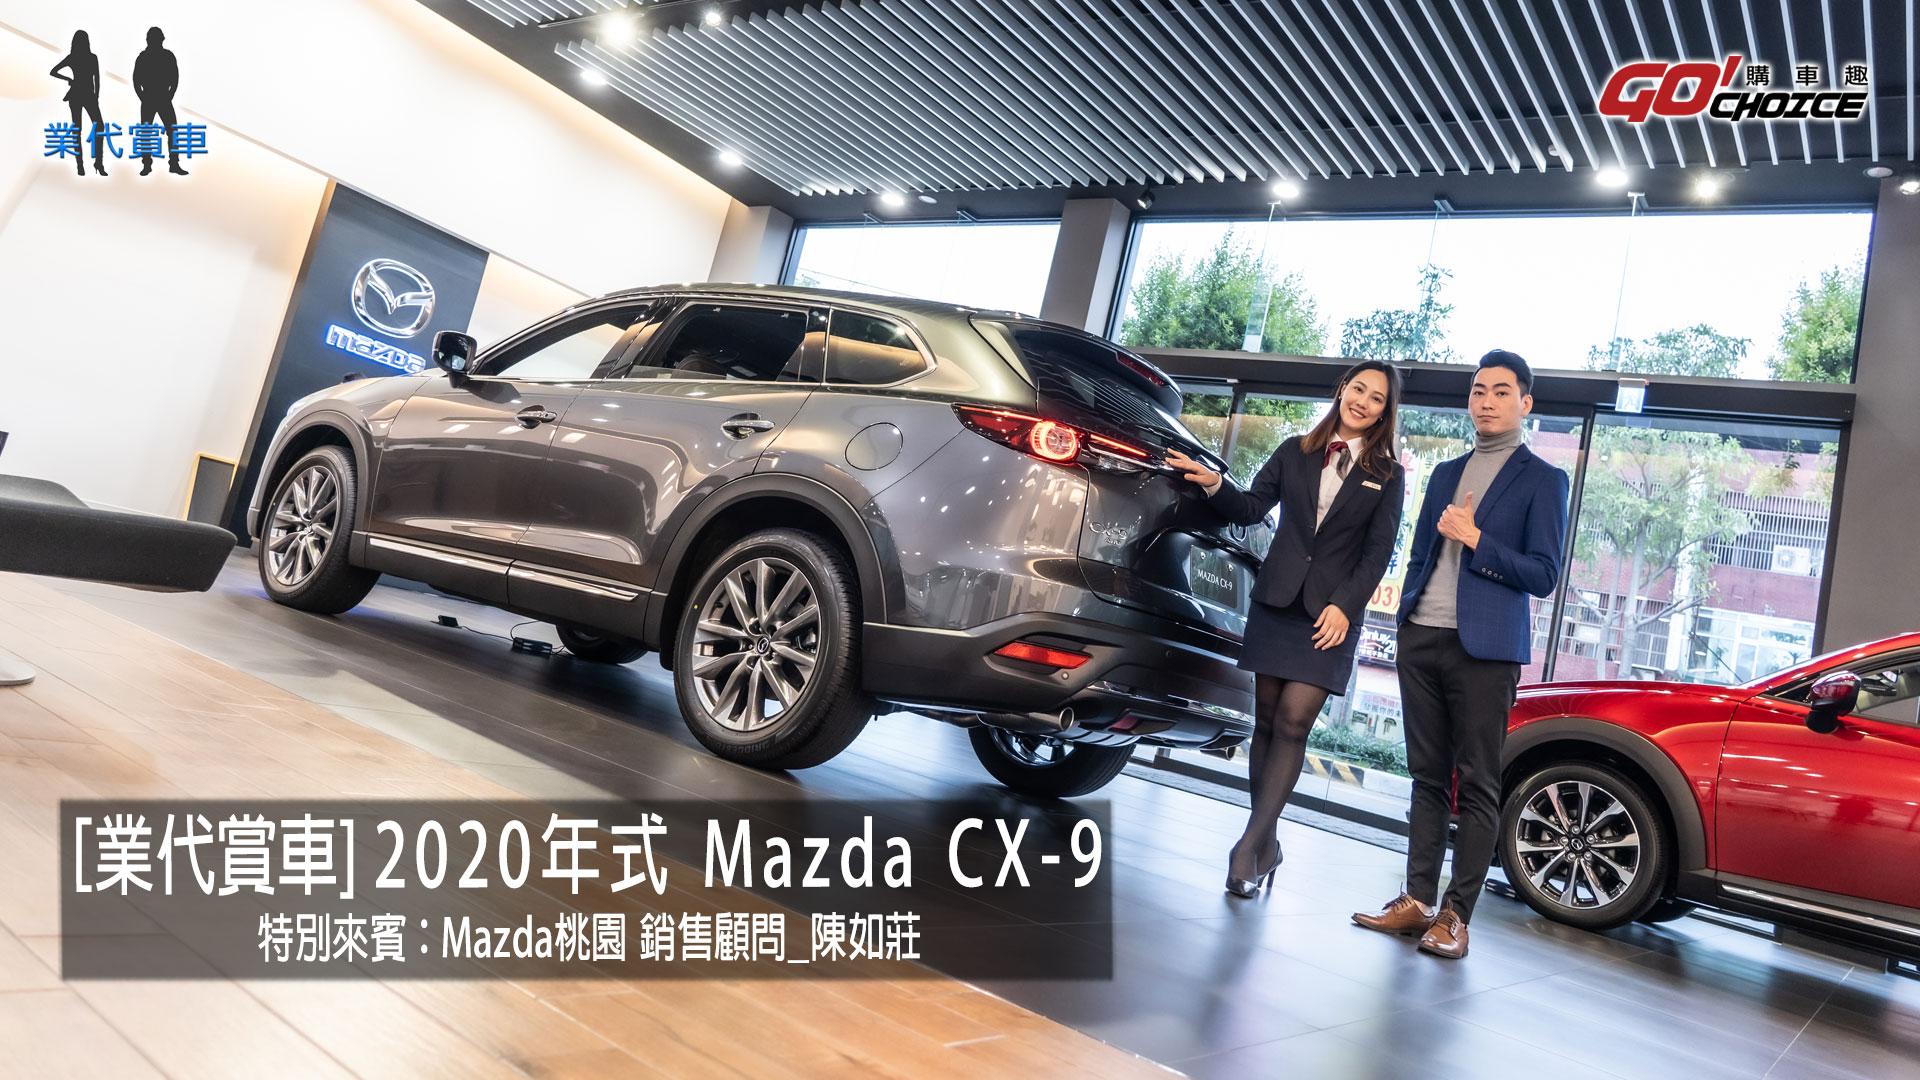 業代賞車-2020年式CX-9細節質感大幅躍進-MAZDA桃園 銷售顧問_陳如莊